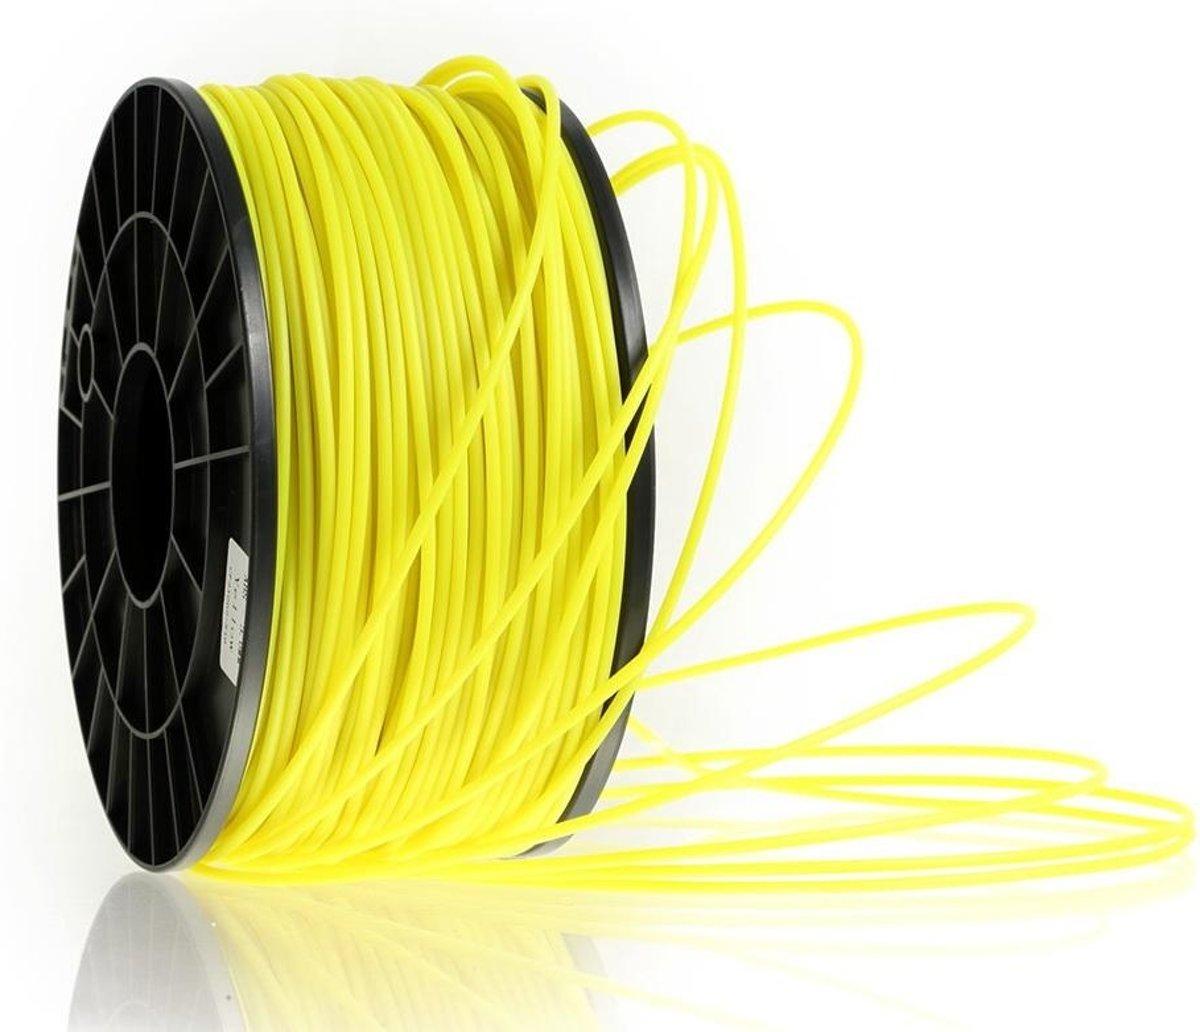 3D ABS filament 1.75mm -1 KG - Glow in the dark Geel kopen